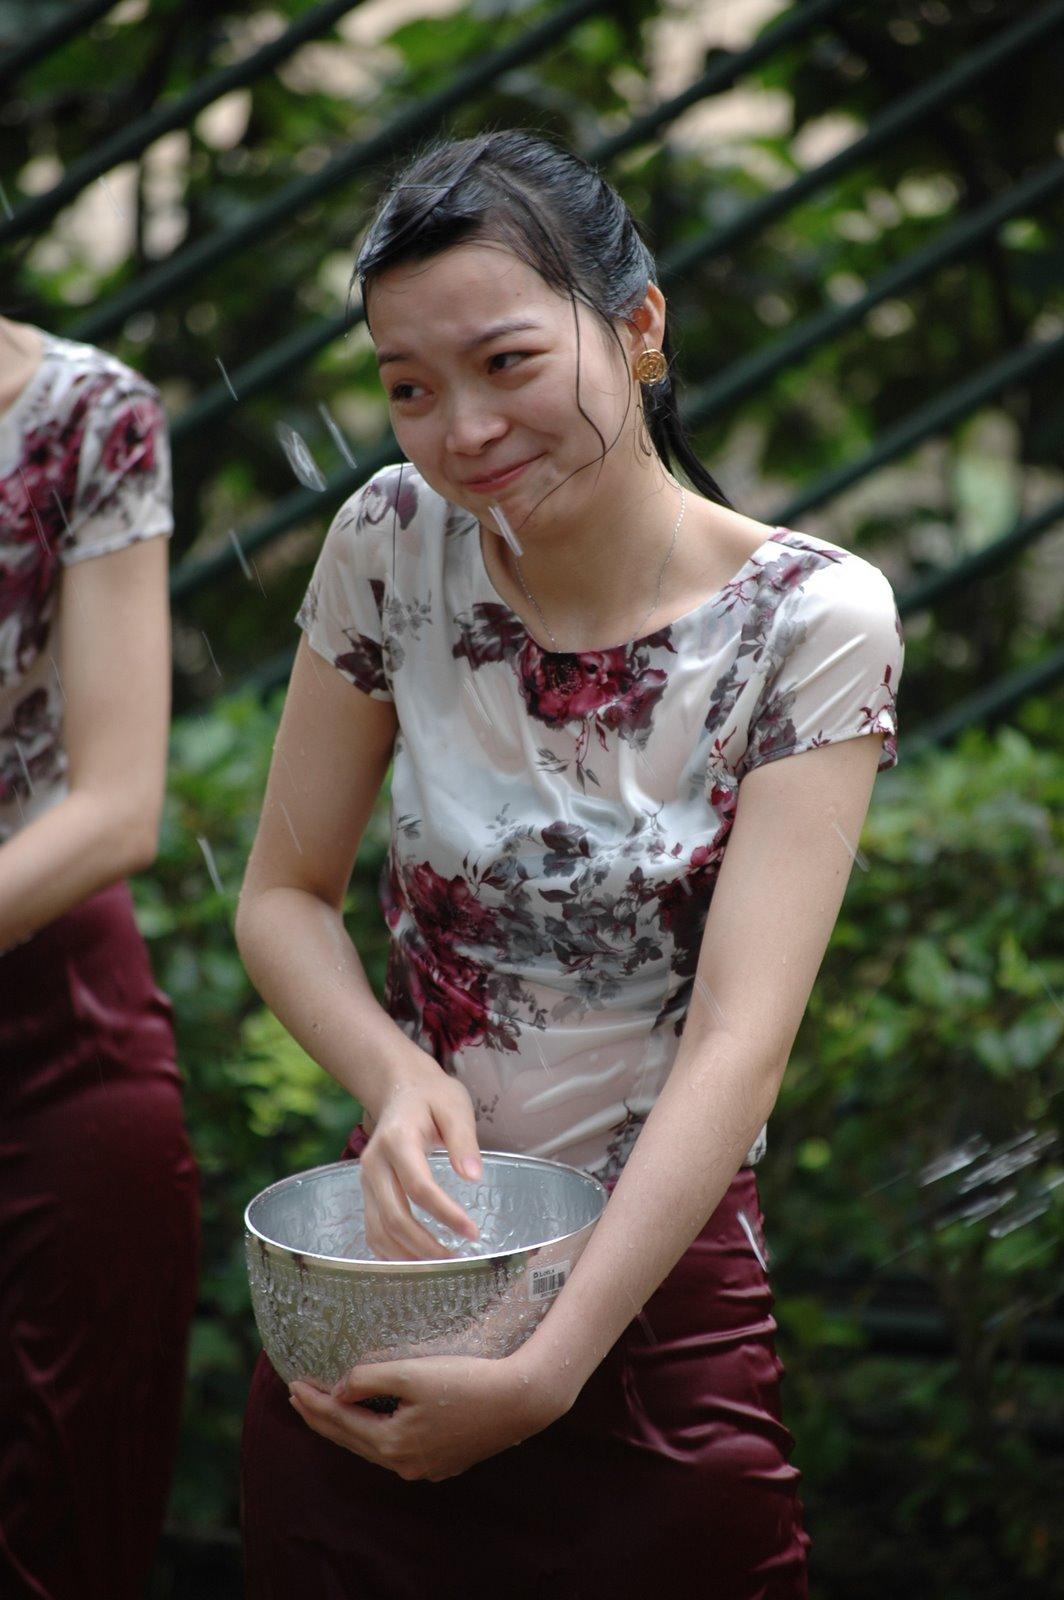 【濡れ透け】中国の「水掛け祭り」とかいうギャラリーが男だらけのイベントwwwwwwwwwwww・29枚目